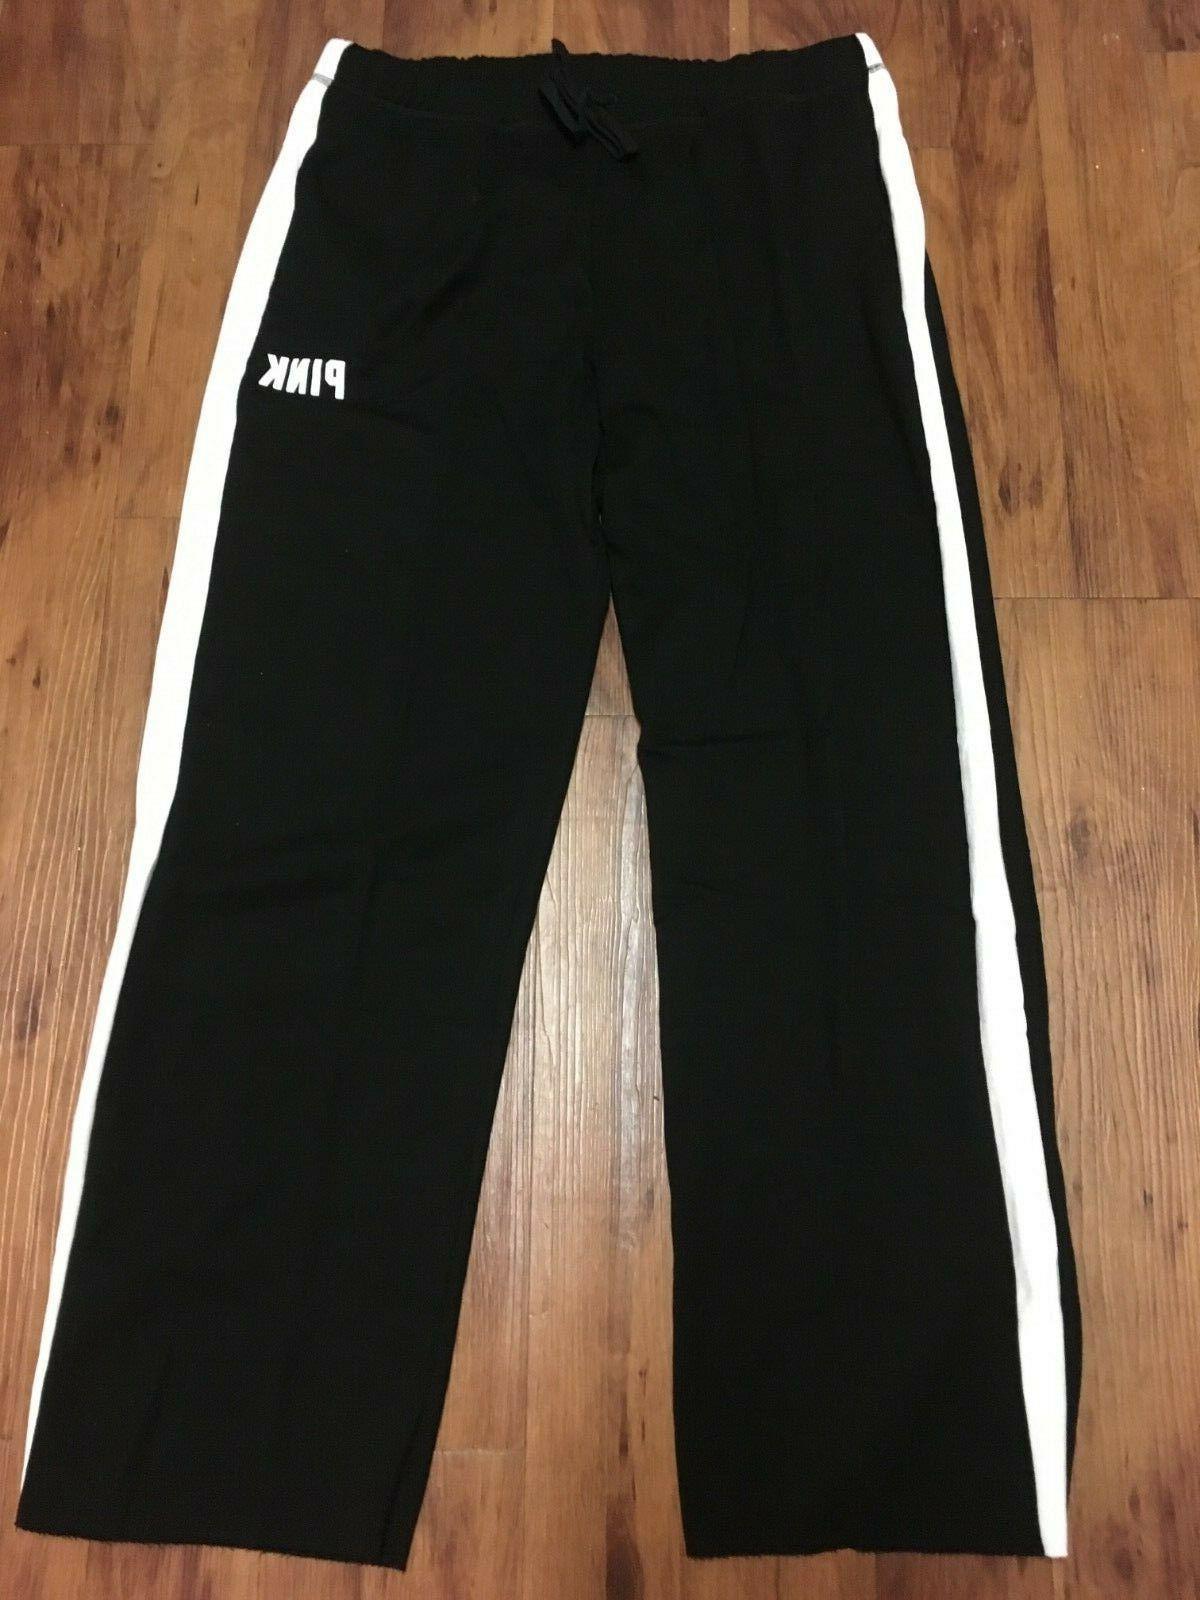 Victoria Sweatpants Gym Lounge XS S Pants Multicolor